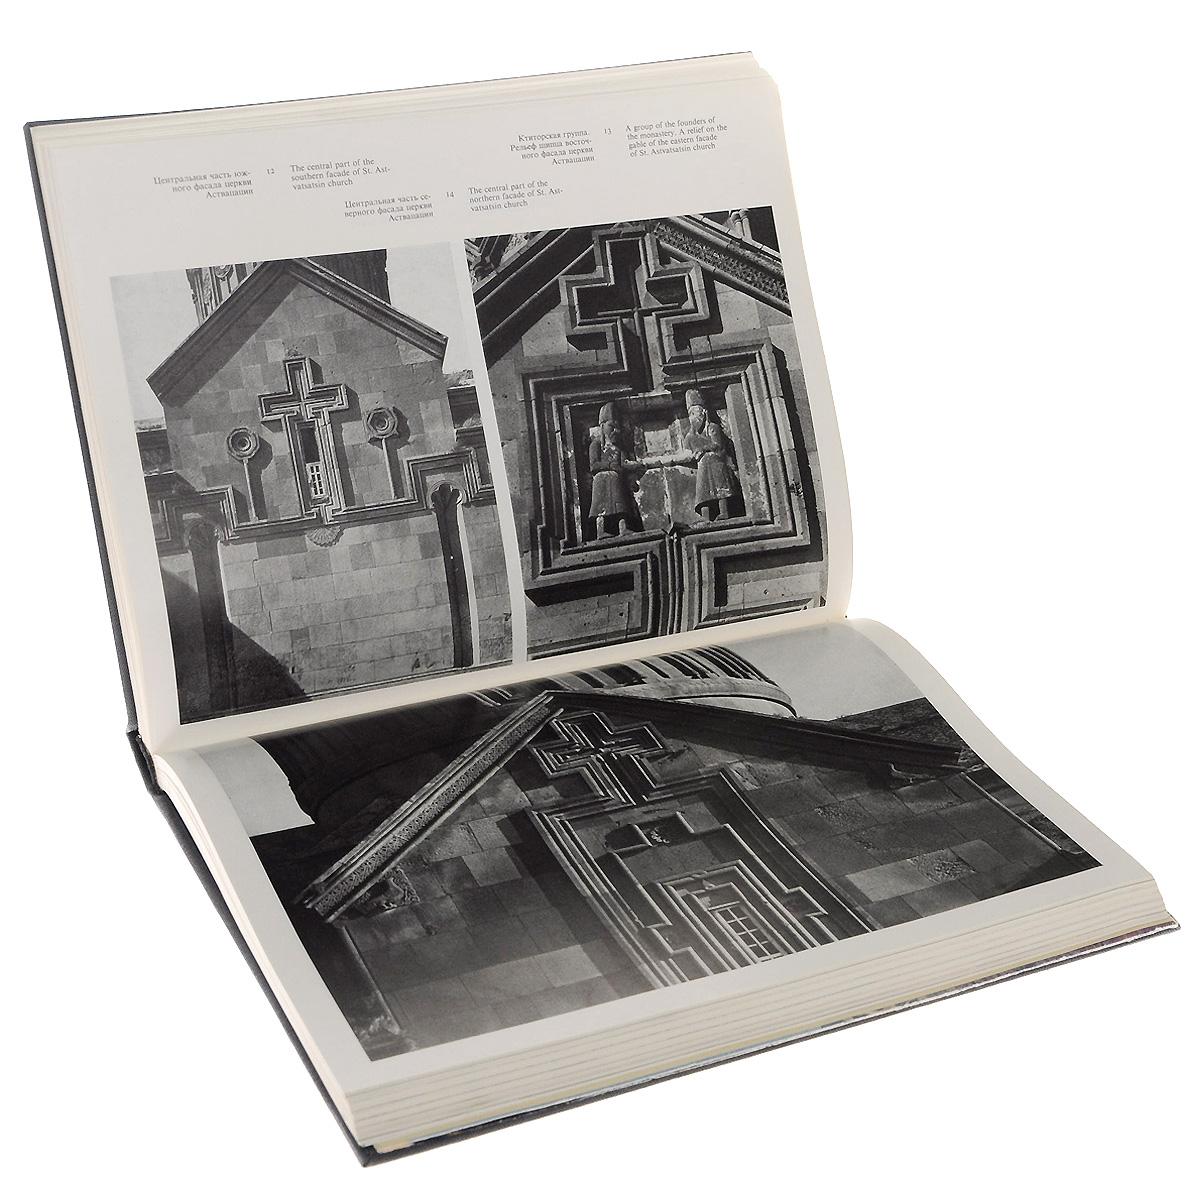 ������������� �������� ������� / Architectural Ensembles of Armenia